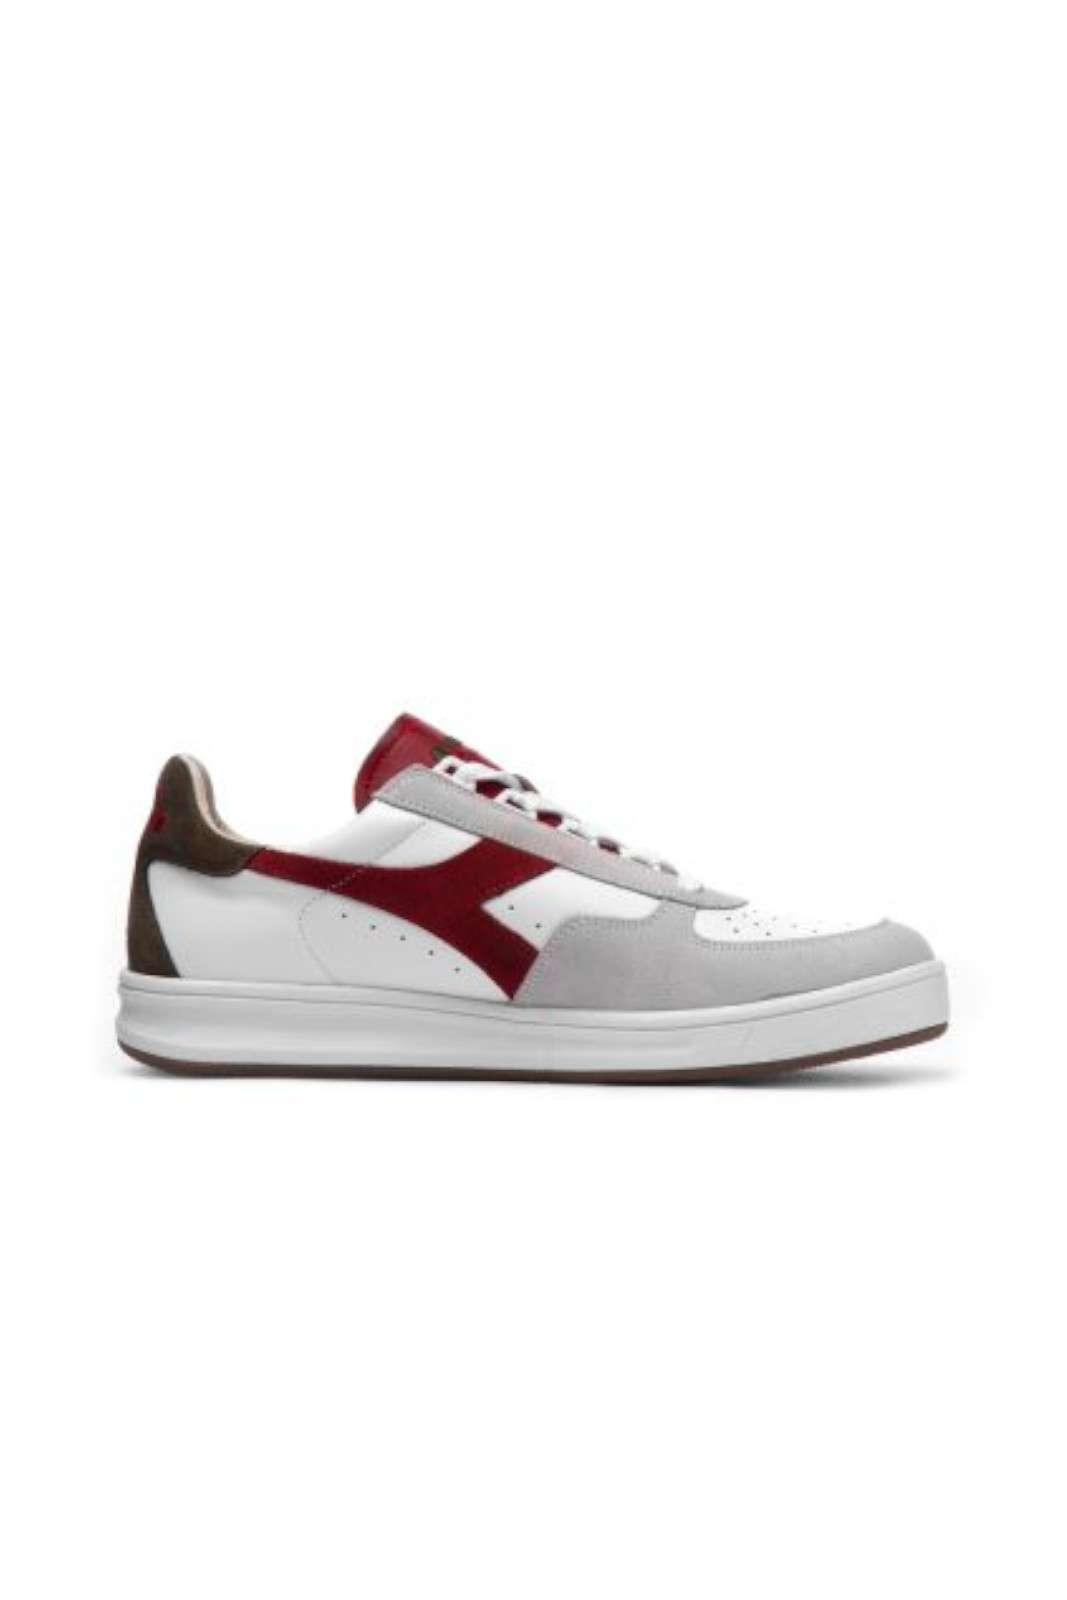 Una sneaker iconica e dallo stile casual la Diadora B ELITE S L. Per l'uomo che ama un outfit casual, che non vuole rinunciare ad un aspetto curato e moderno. Per un guardaroba che si impone come trend di stagione.